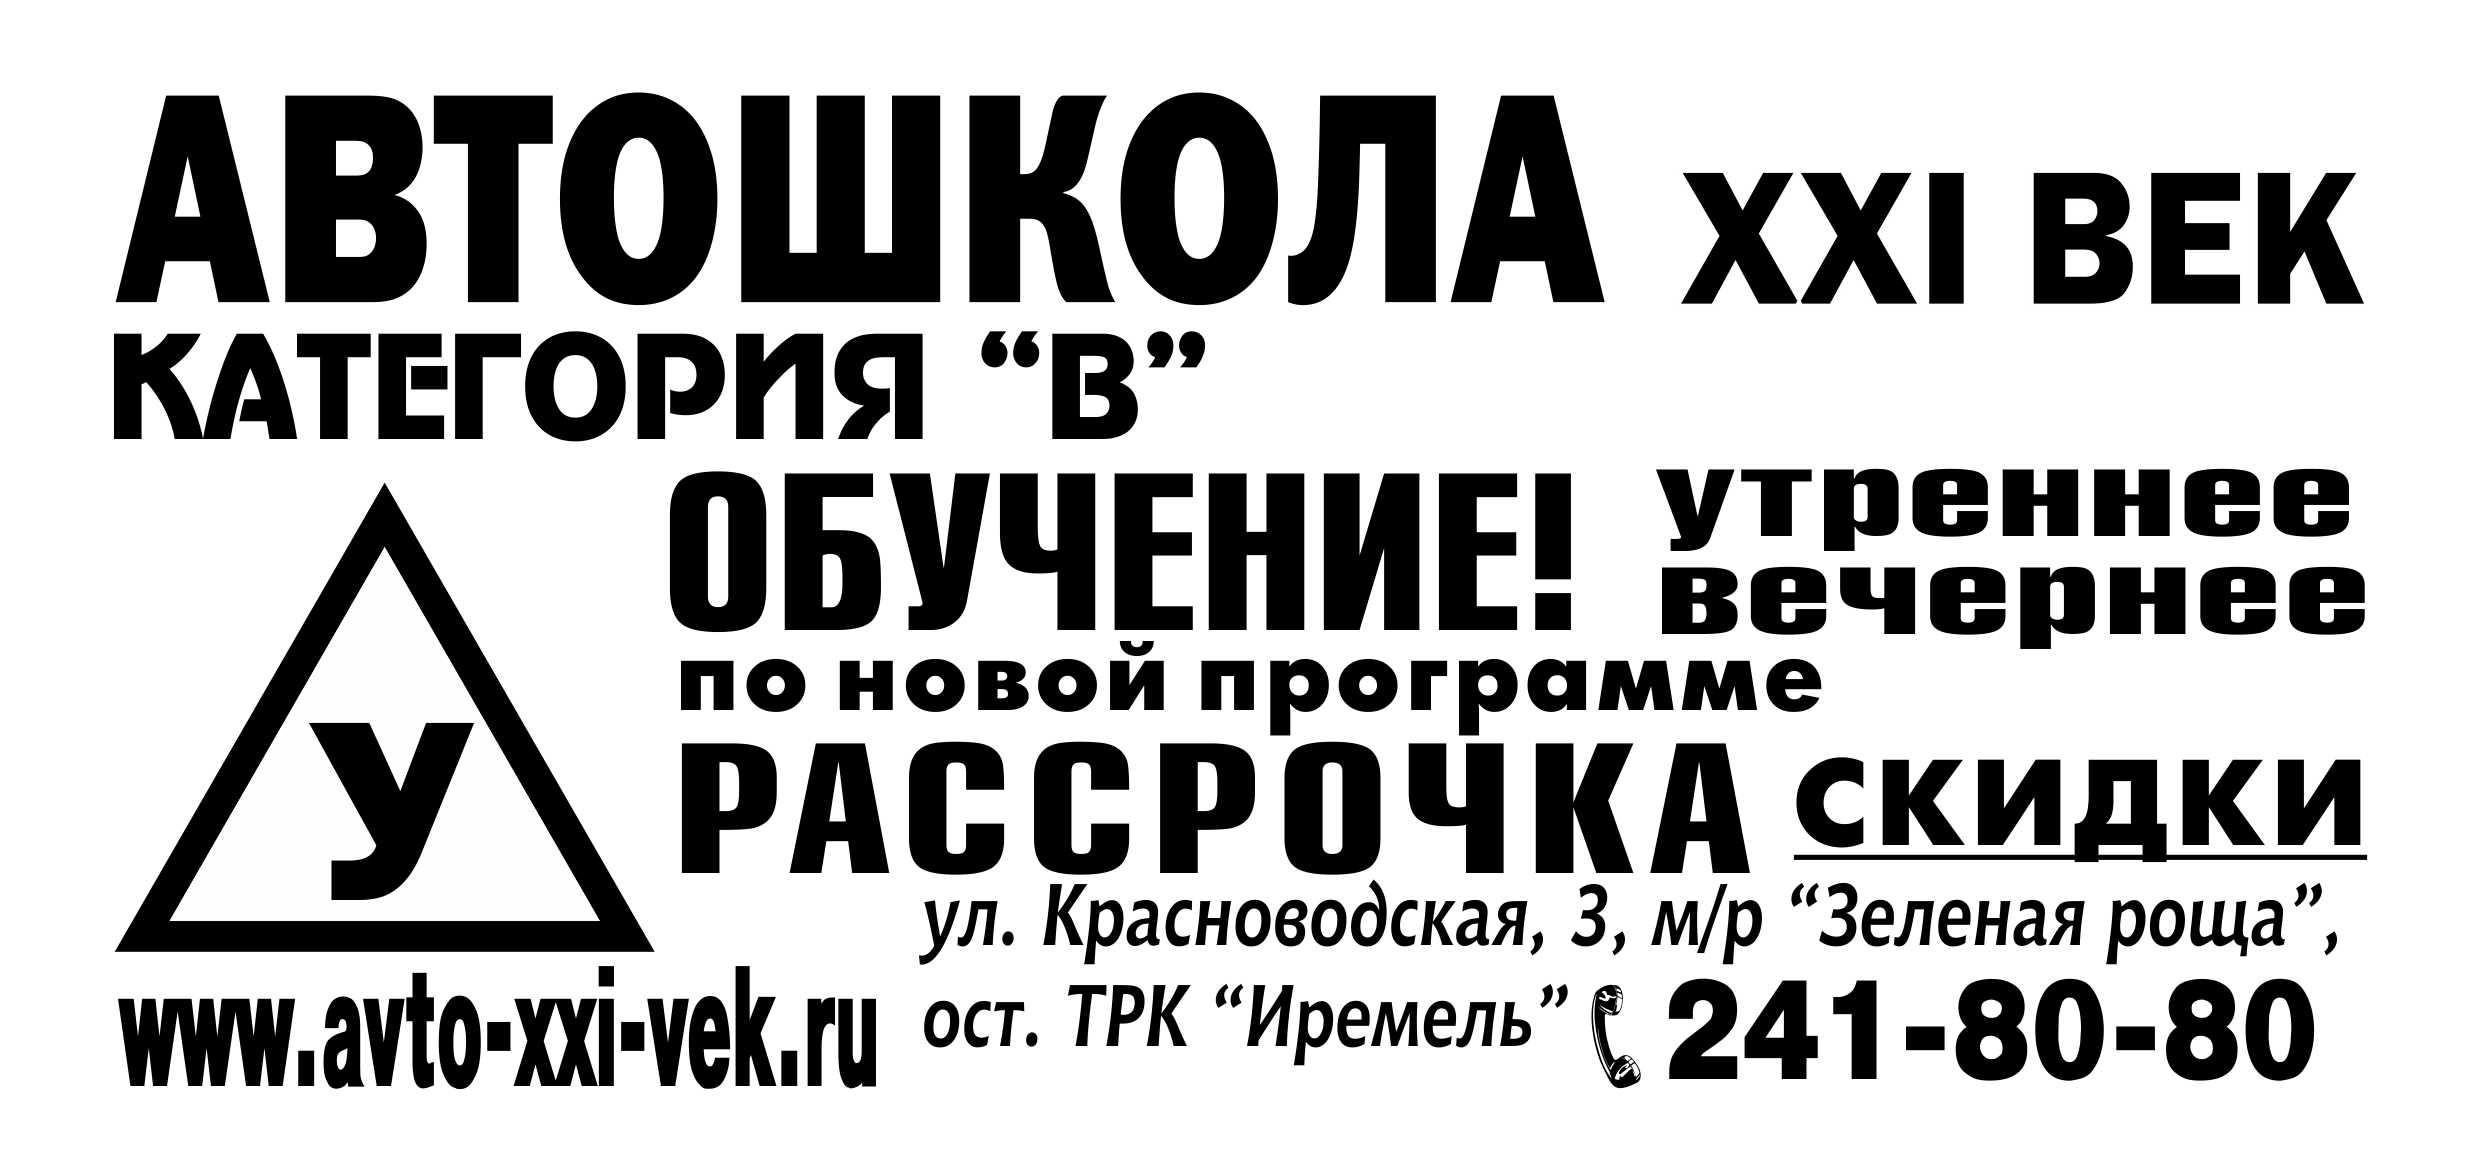 """Автошкола ООО """"XXI век"""""""